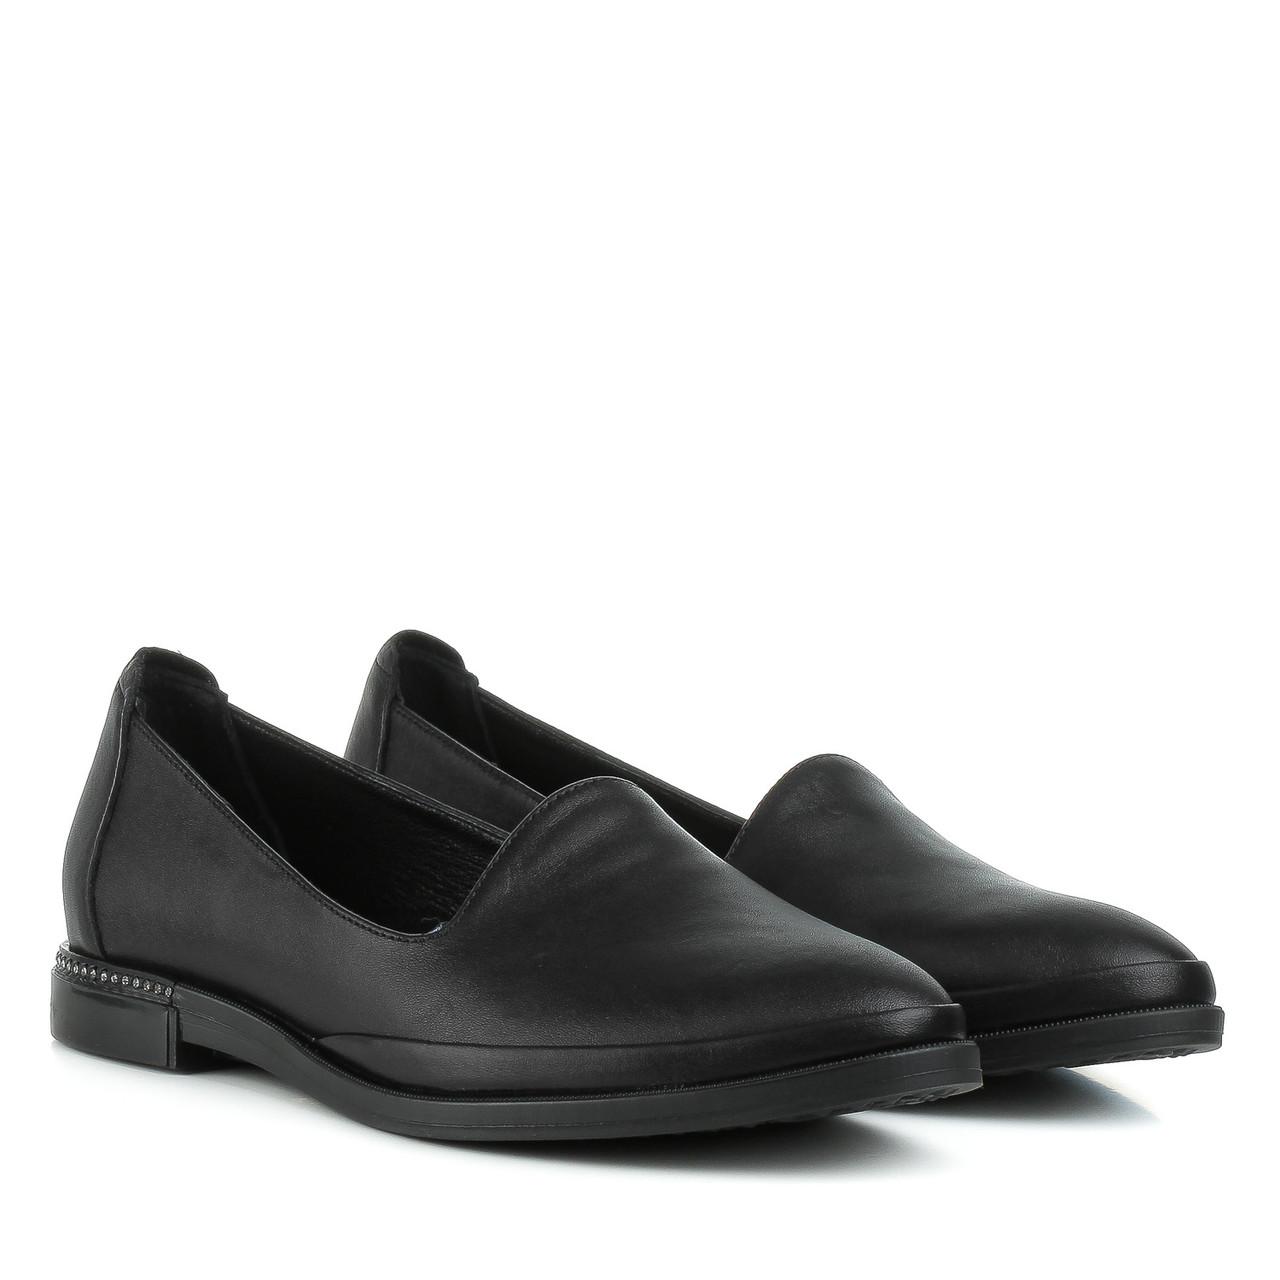 Туфли женские EVROMODA (кожаные, классические, на низком ходу)